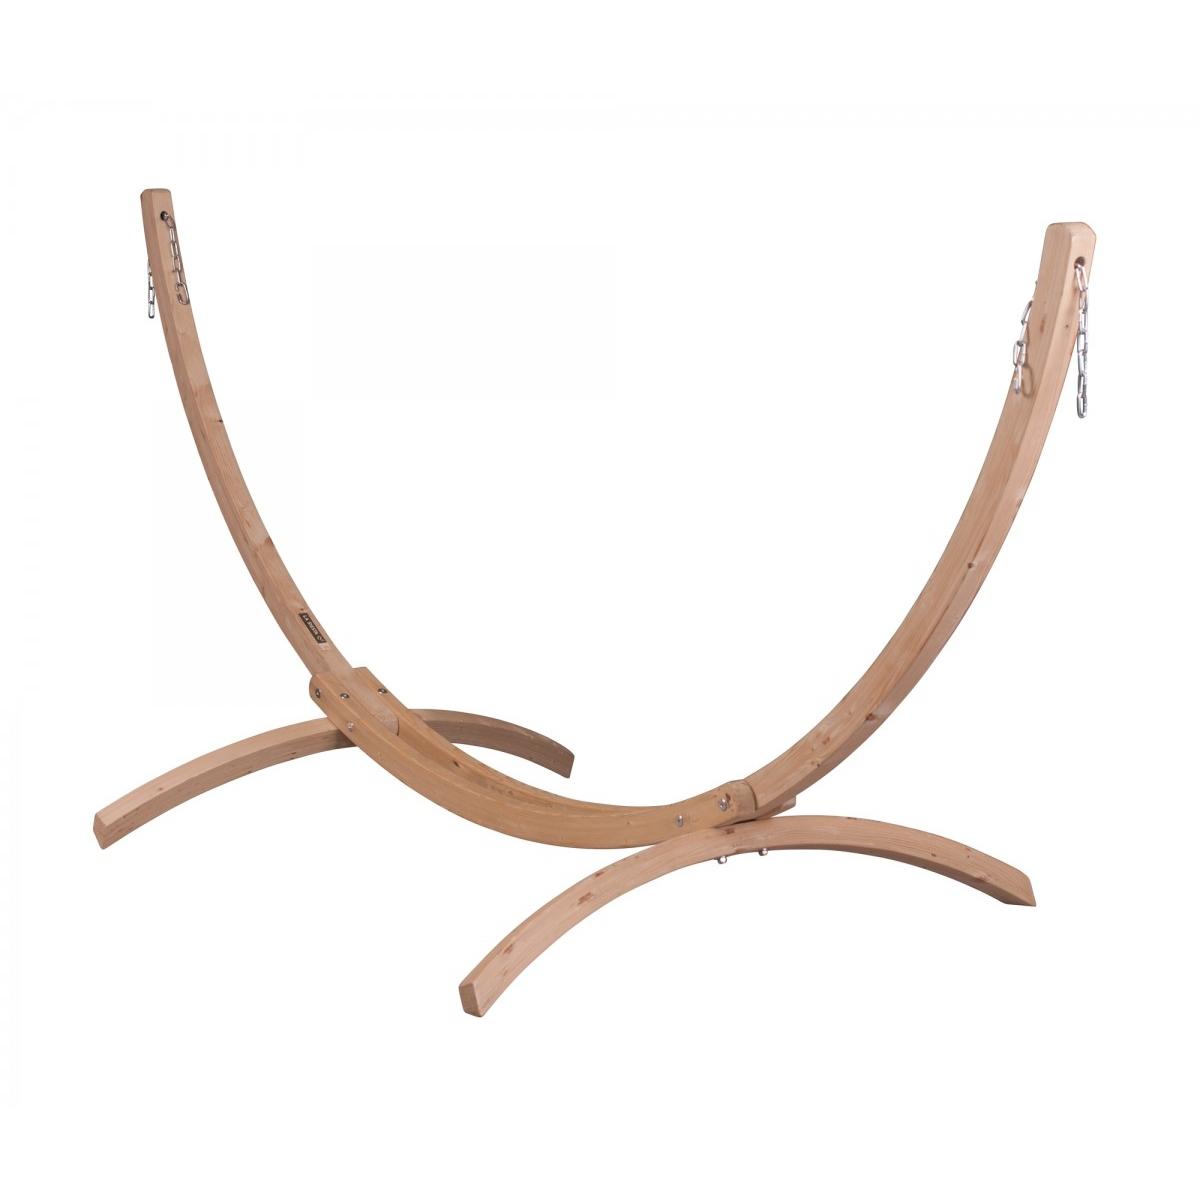 la siesta st nder canoa caramel f r einzel h ngematten bei lasiesta shop ch kaufen. Black Bedroom Furniture Sets. Home Design Ideas